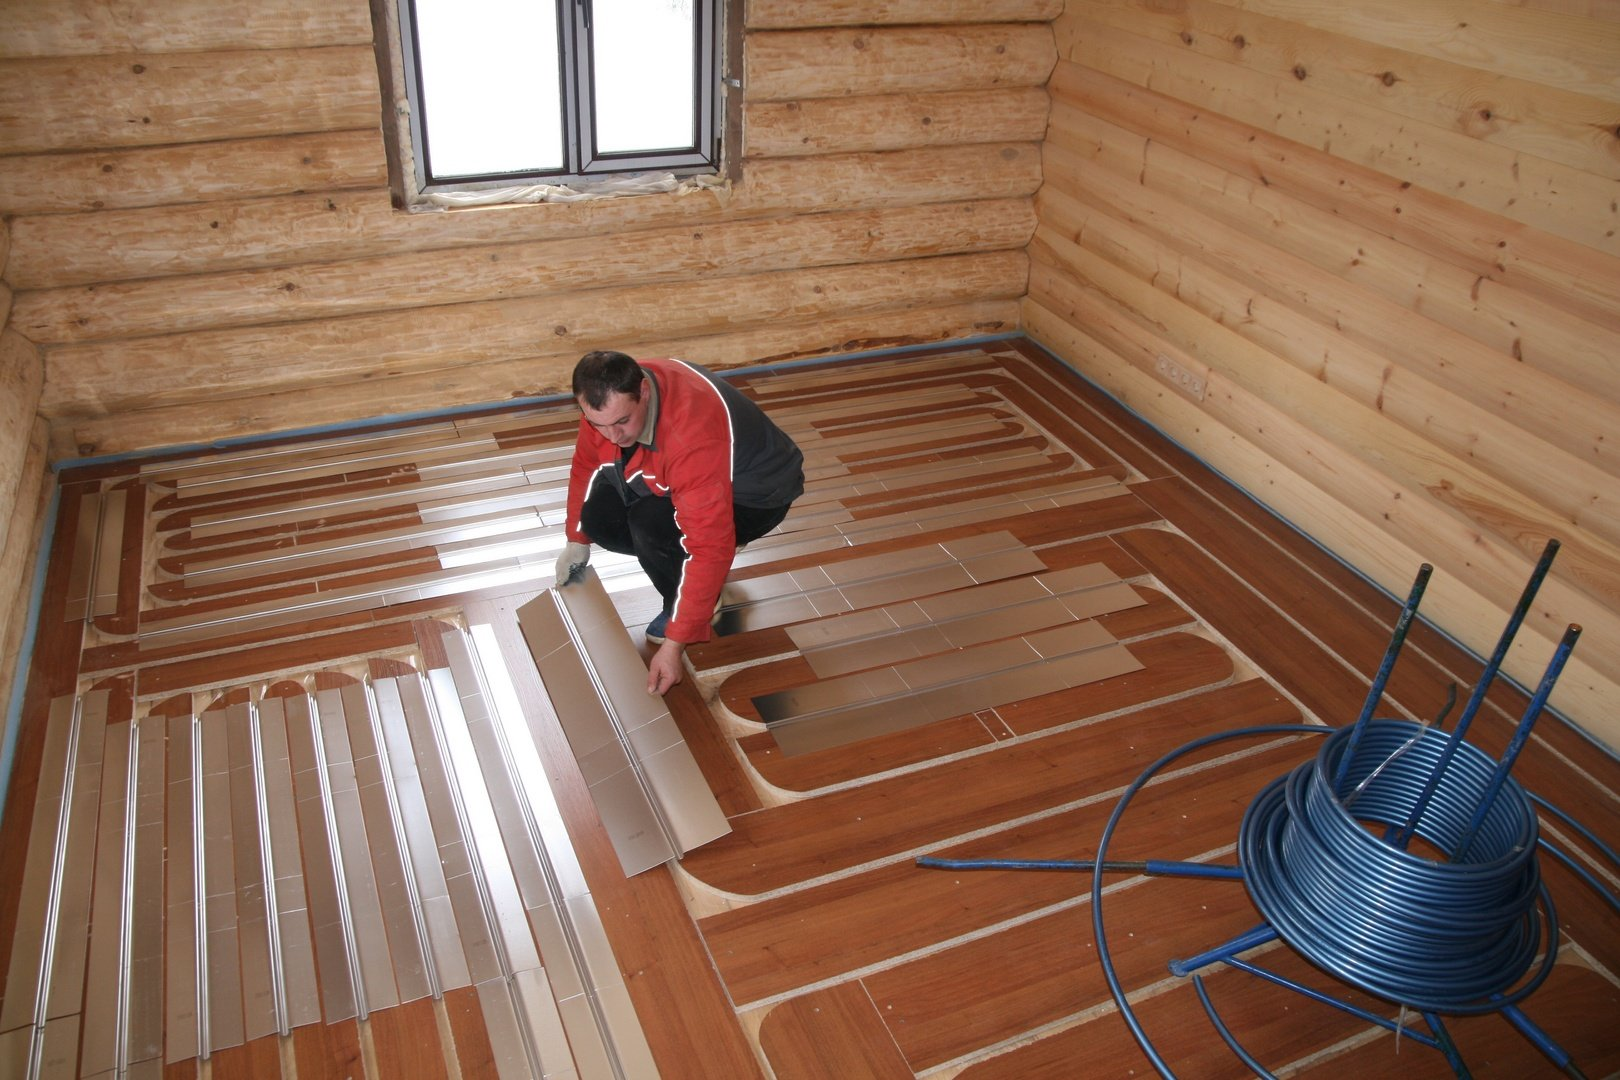 Как сделать теплый пол в доме под ламинат